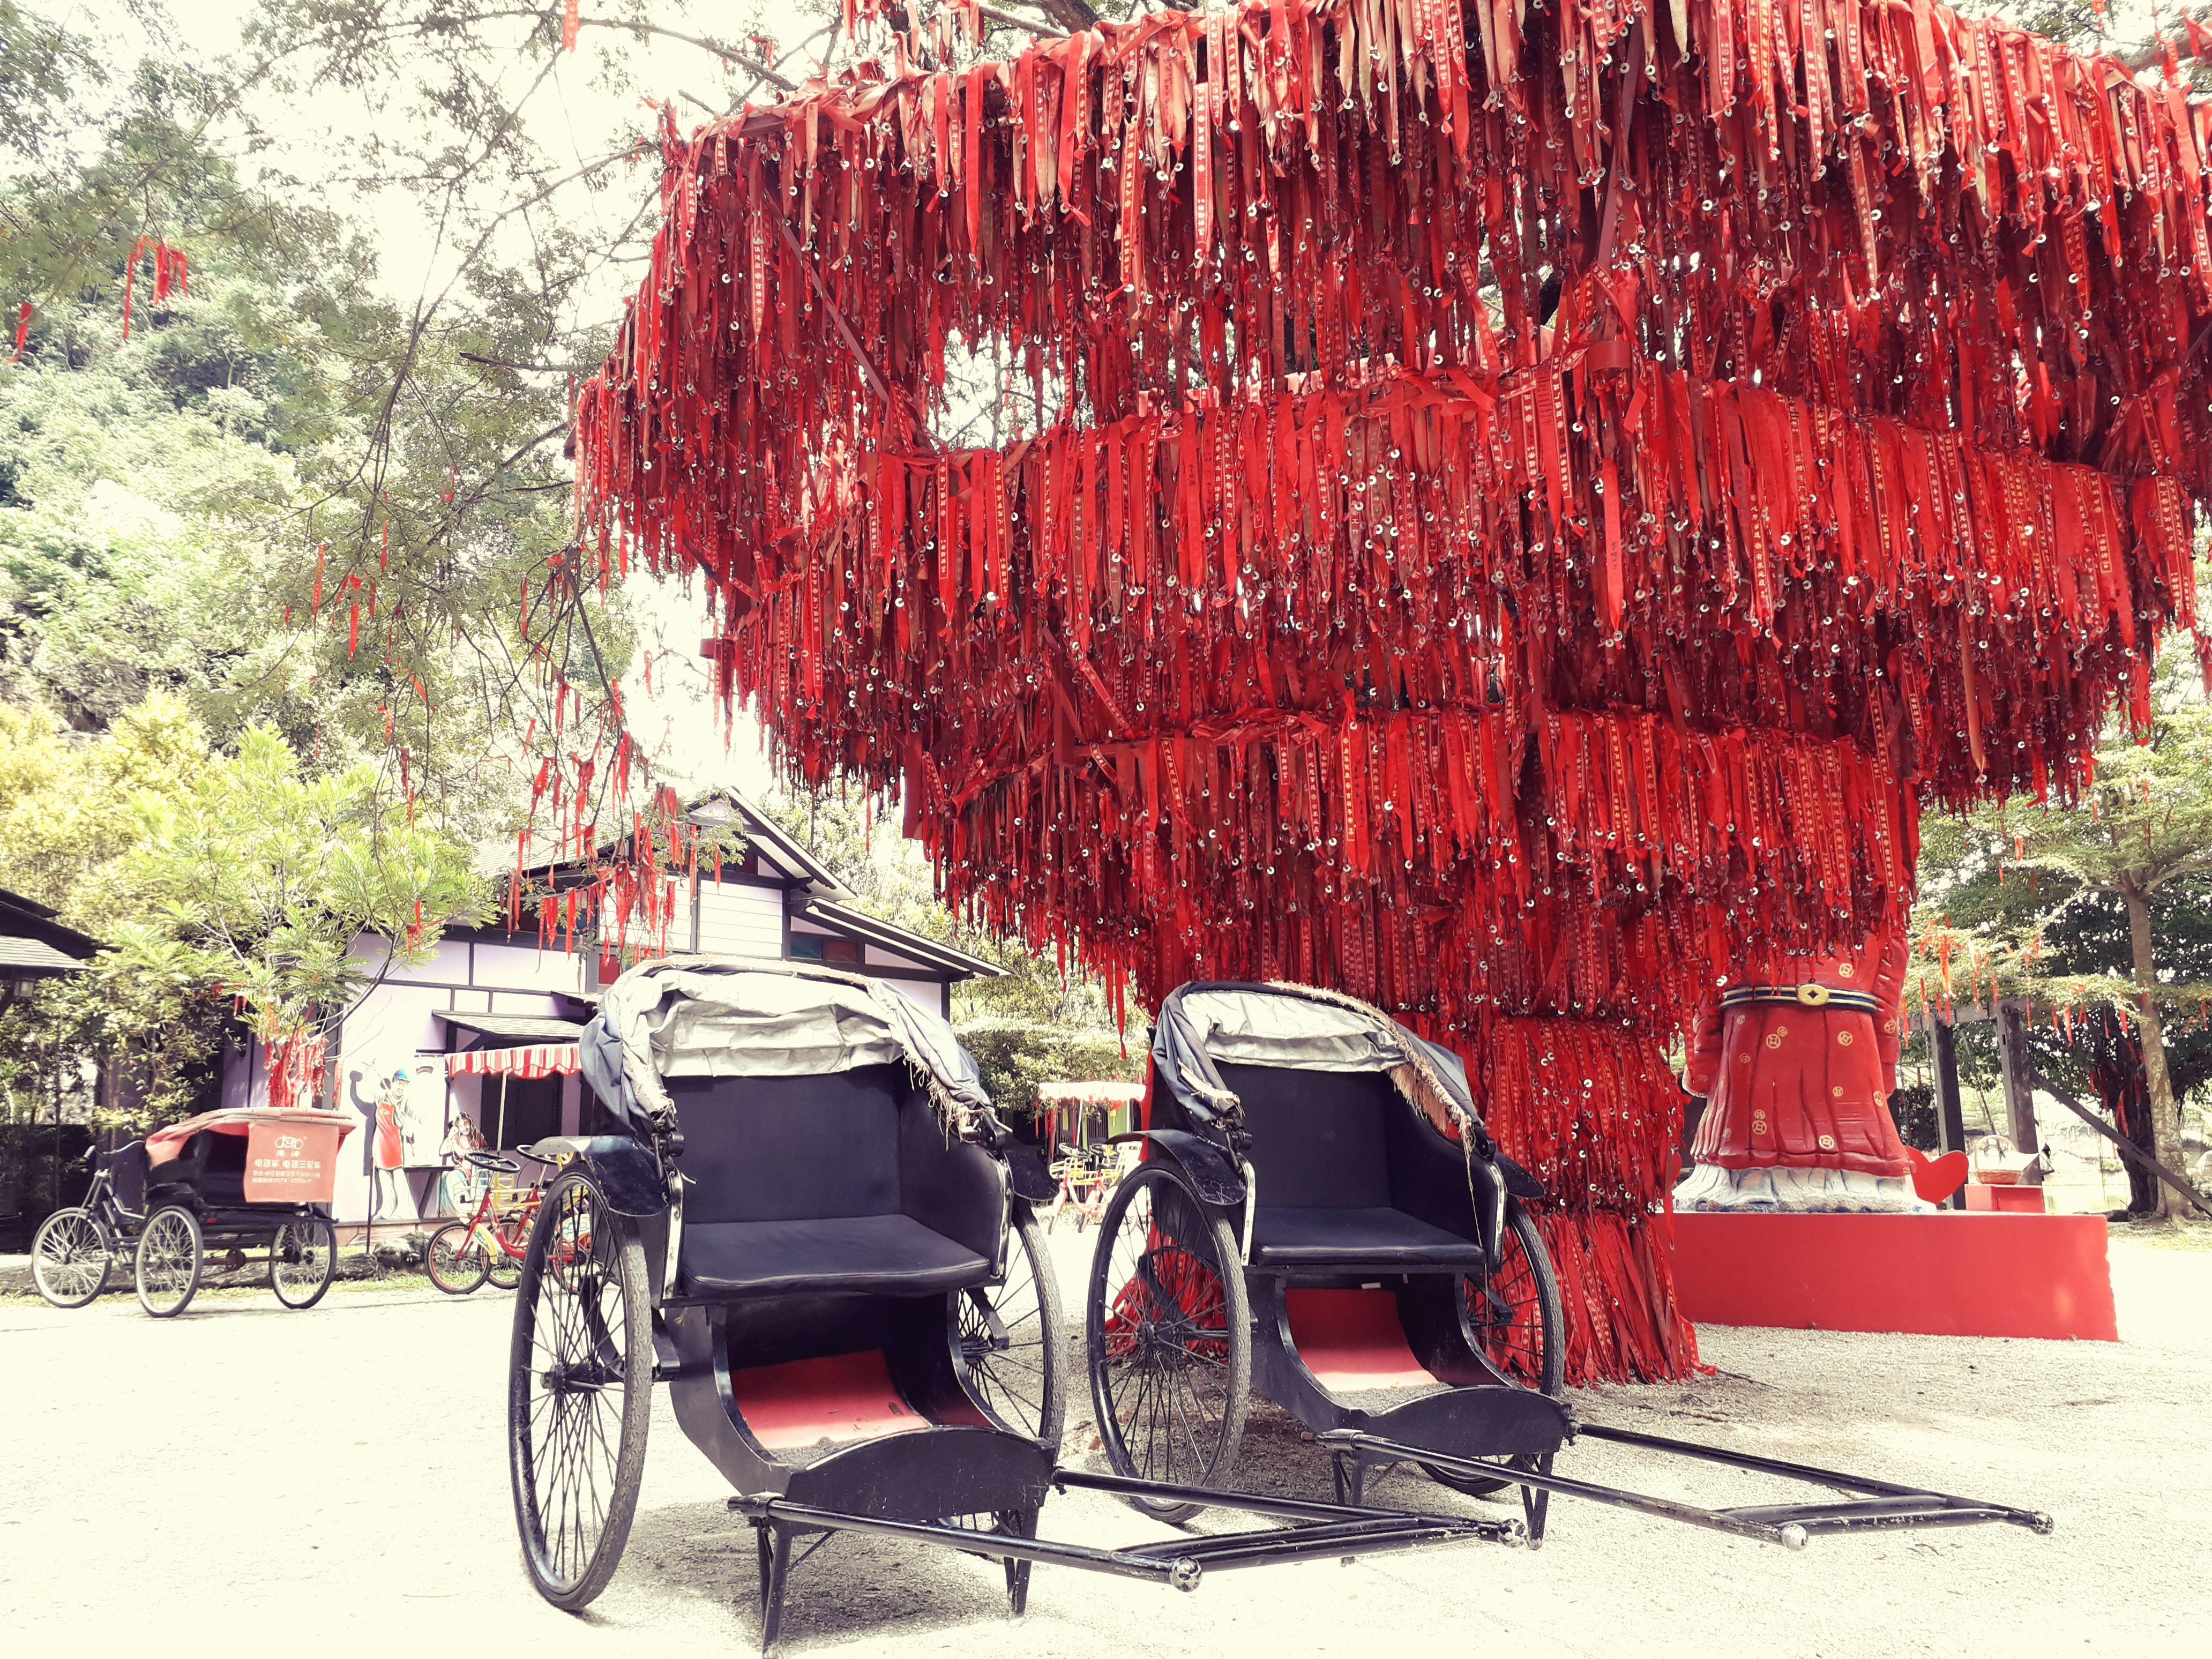 banyan wish tree and rickshaw, qing xin ling, malaysia